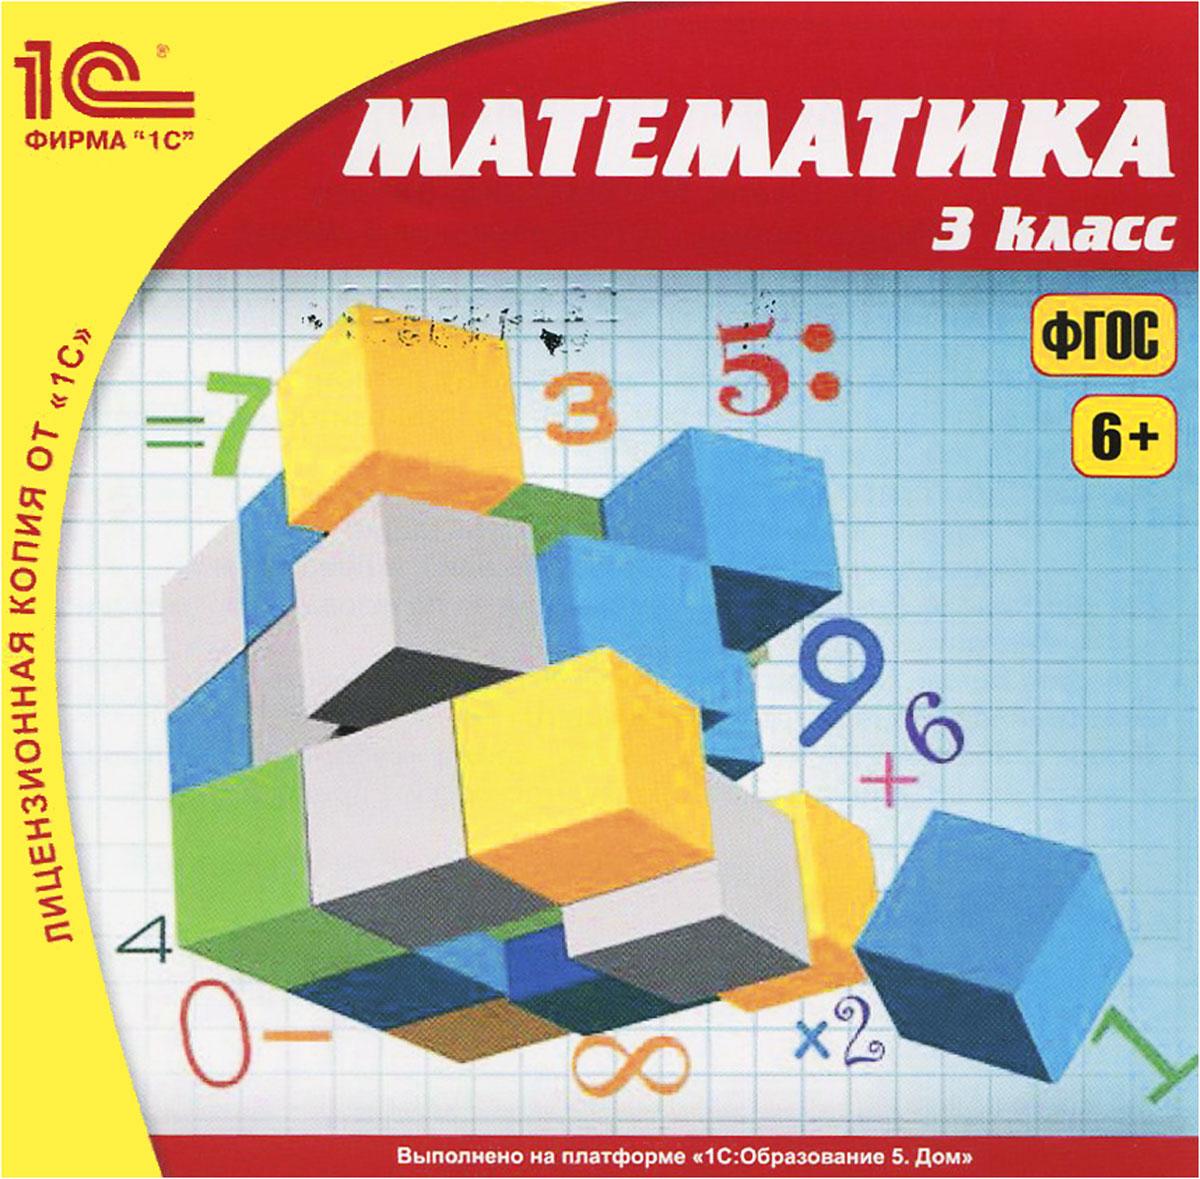 1С:Школа. Математика. 3 класс (ФГОС) обучающие диски 1с паблишинг 1с школа математика 1 4 кл тесты